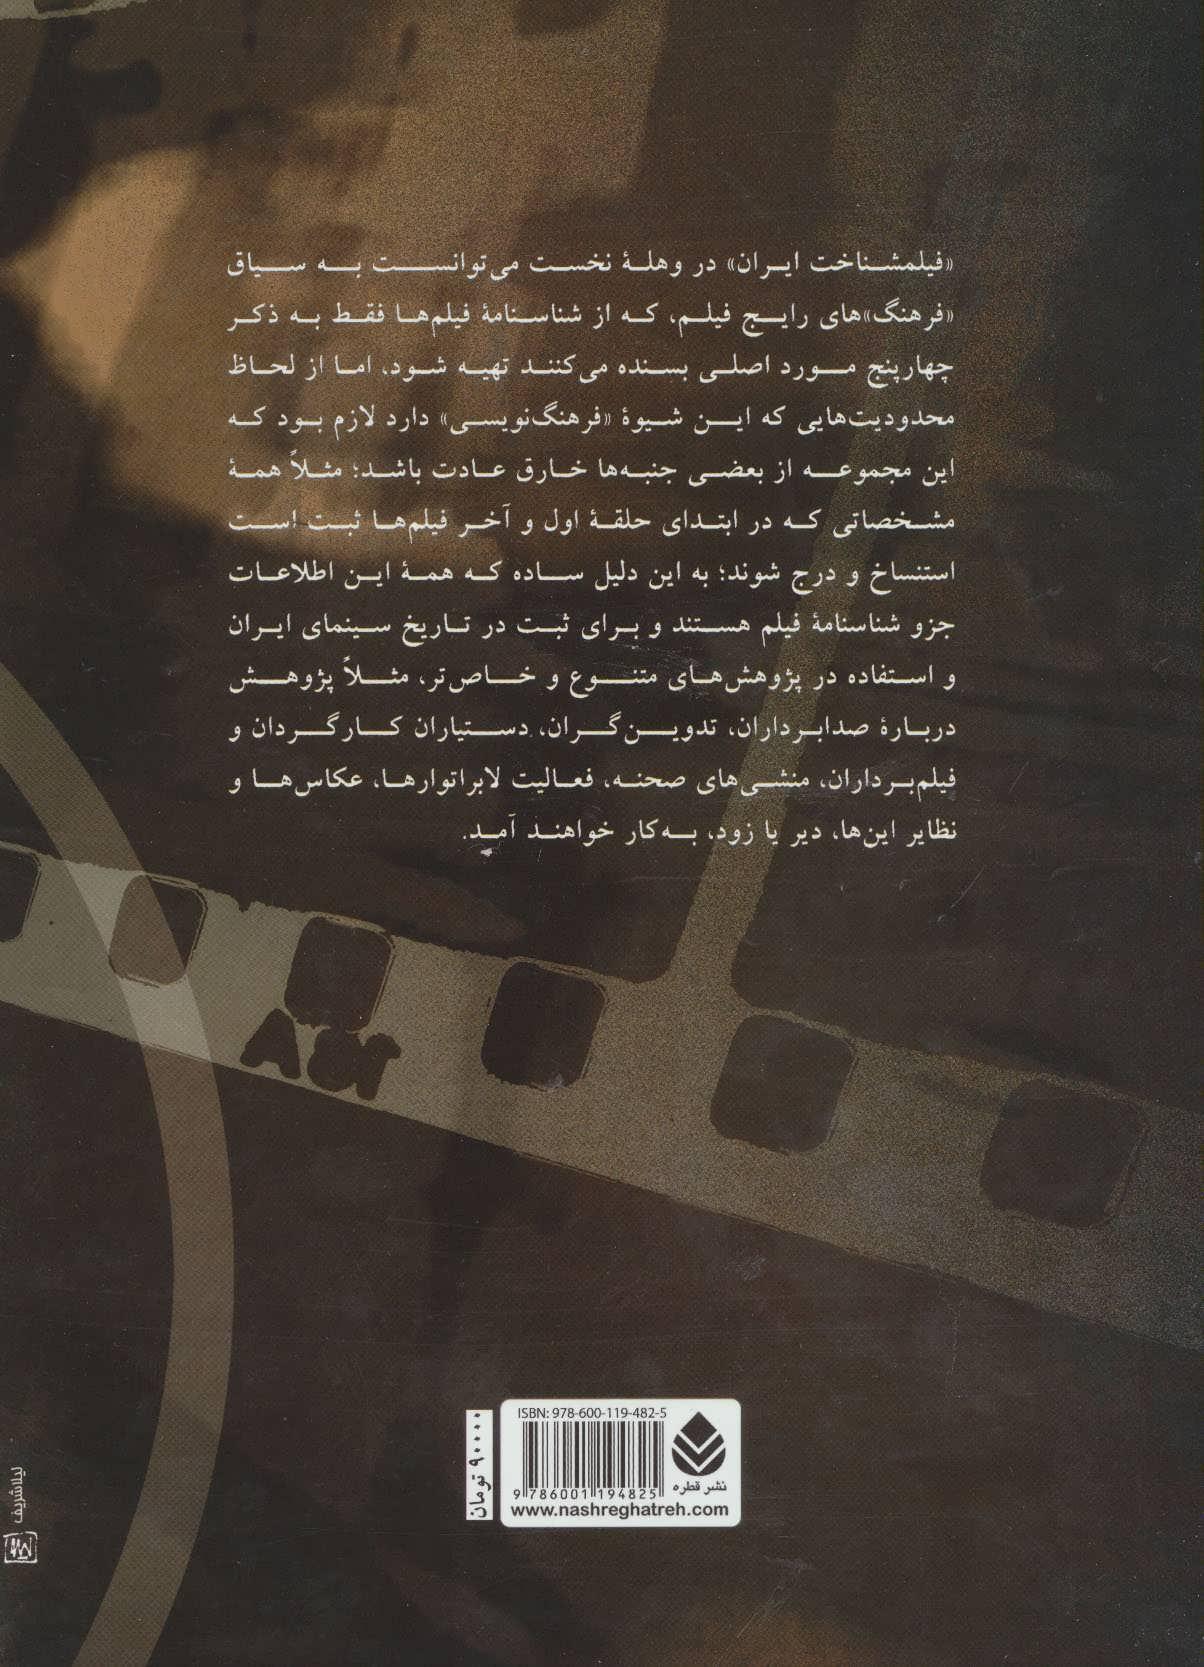 فیلمشناخت ایران (فیلم شناسی سینمای ایران 1382-1373)